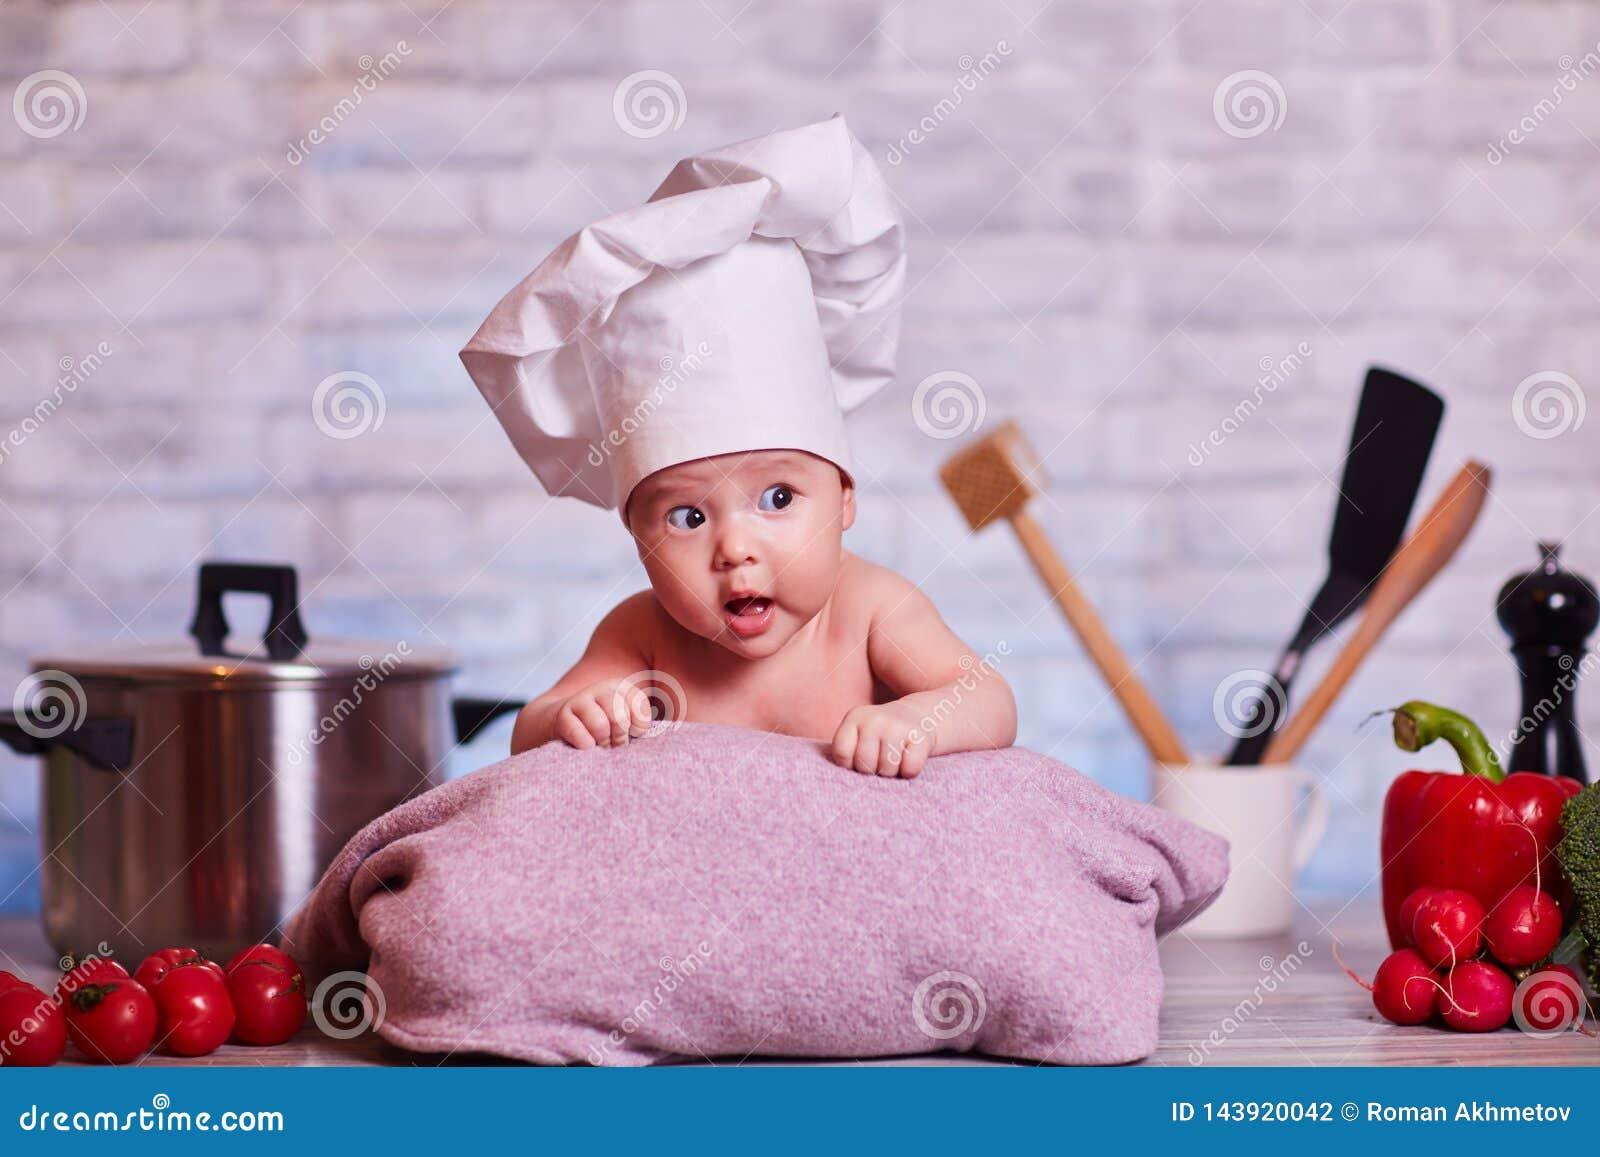 Het kind, babymeisje ligt op de keukenlijst in GLB van een chef-kok - naast hem zijn groenten, groene paprika, radijs, juiste bro